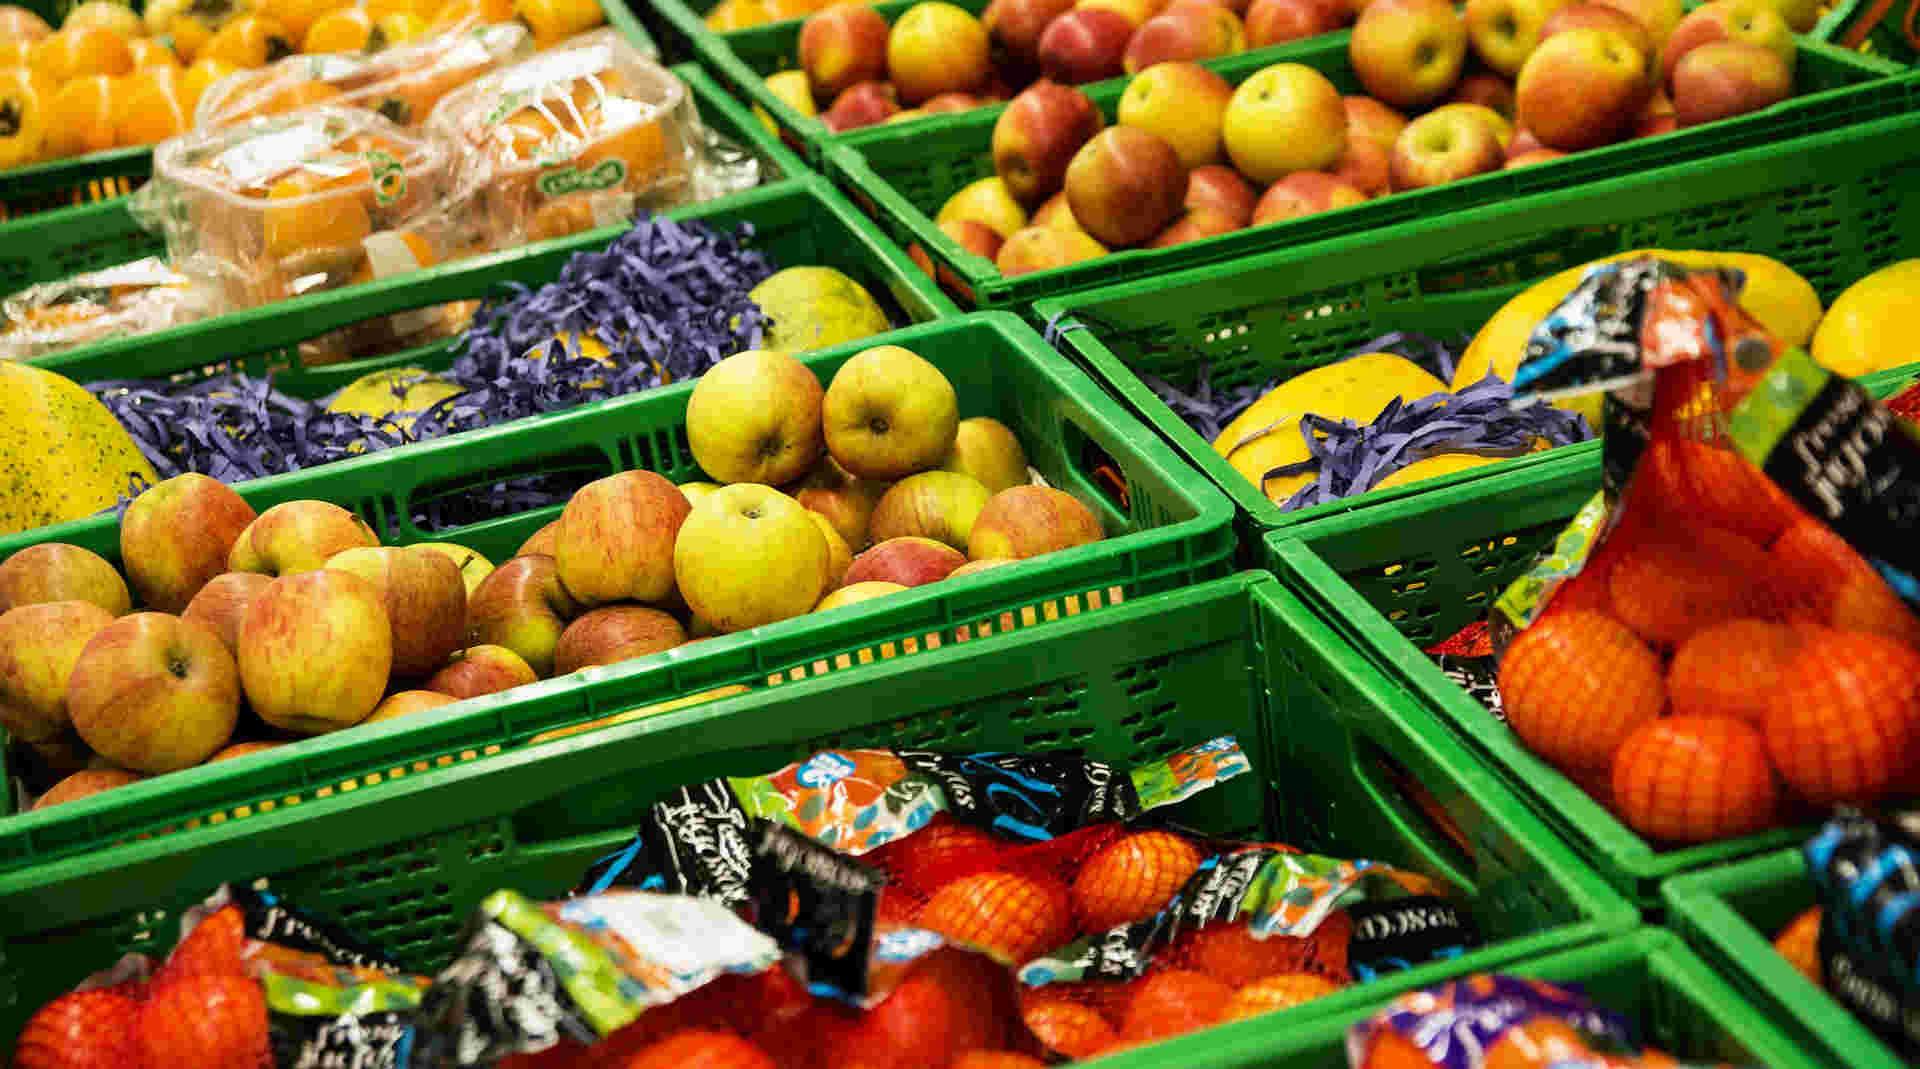 supermercati oxfam torino metropoli rivista promuovere